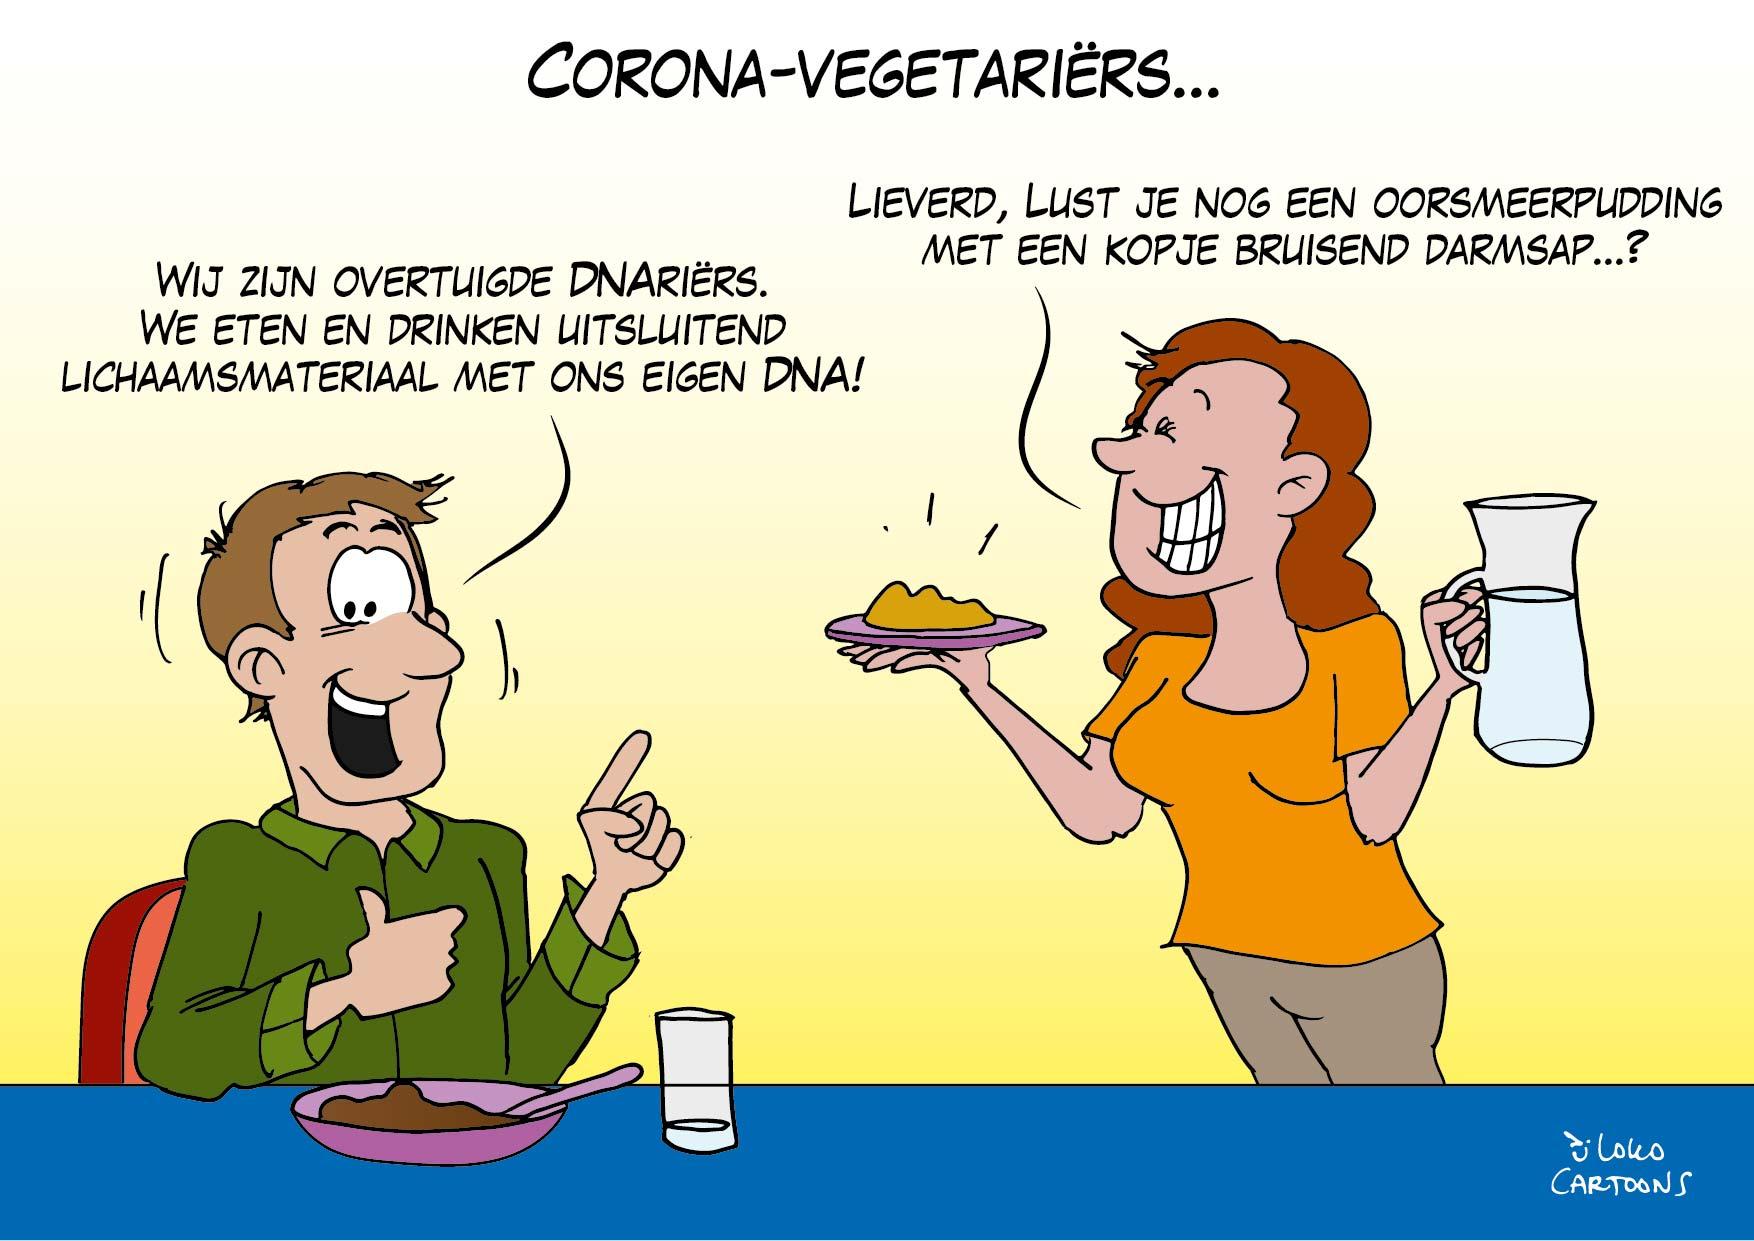 Corona-vegetariërs…